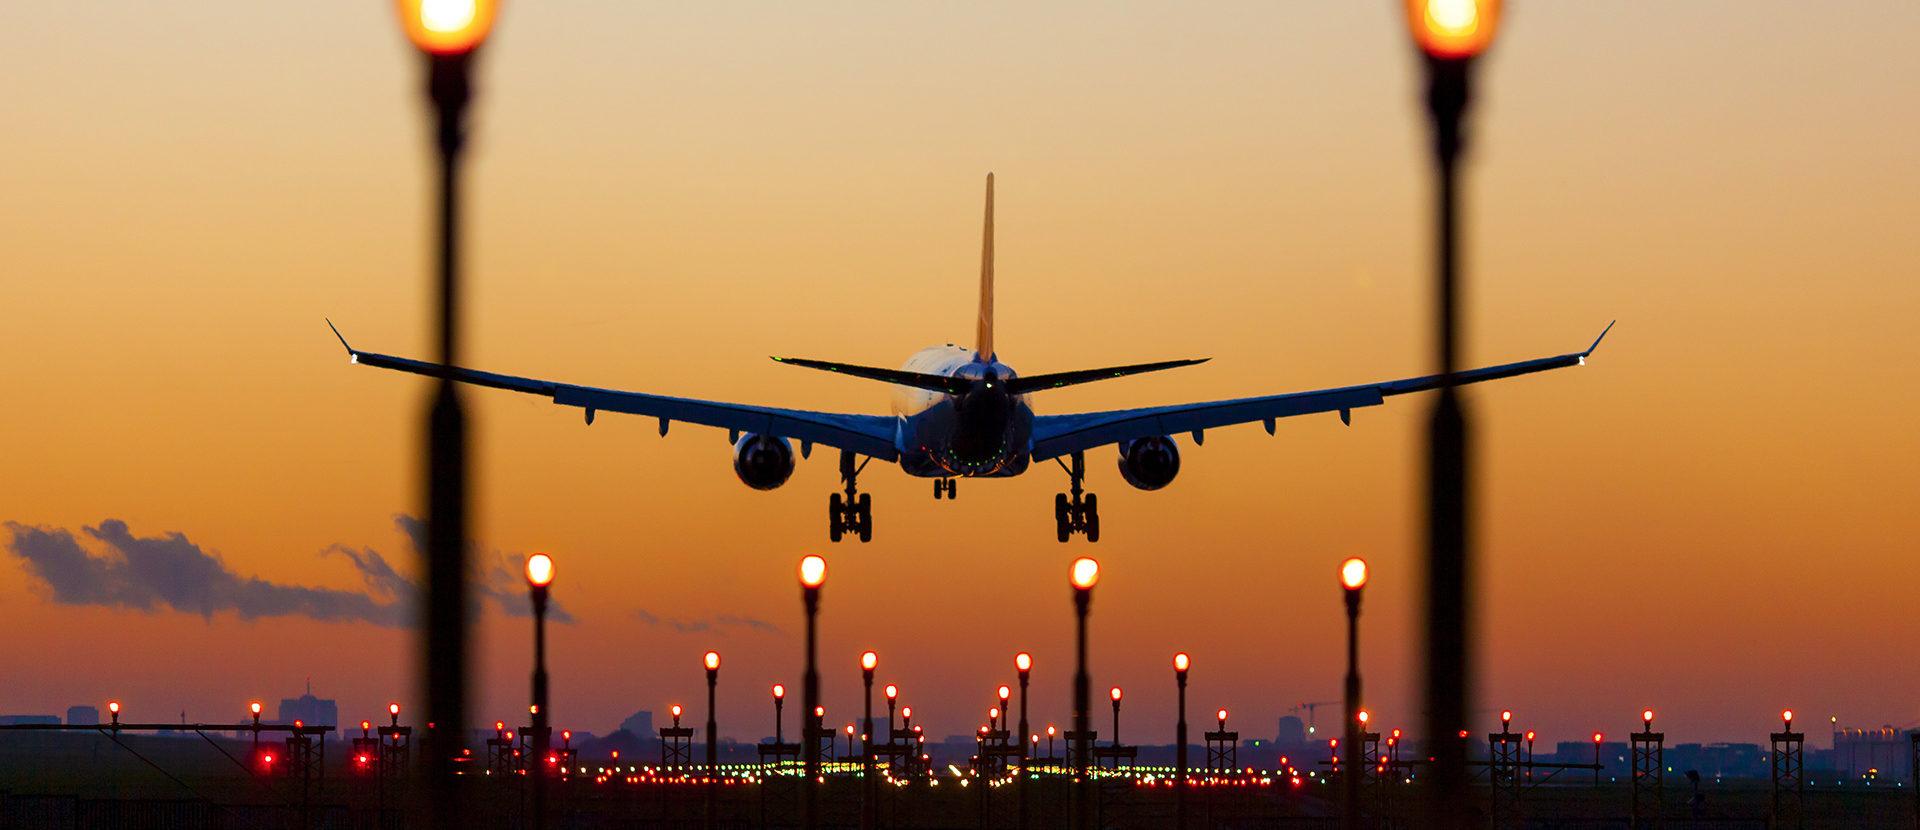 Oito por cento da emissão de gases do efeito estufa vem do turismo, aponta estudo